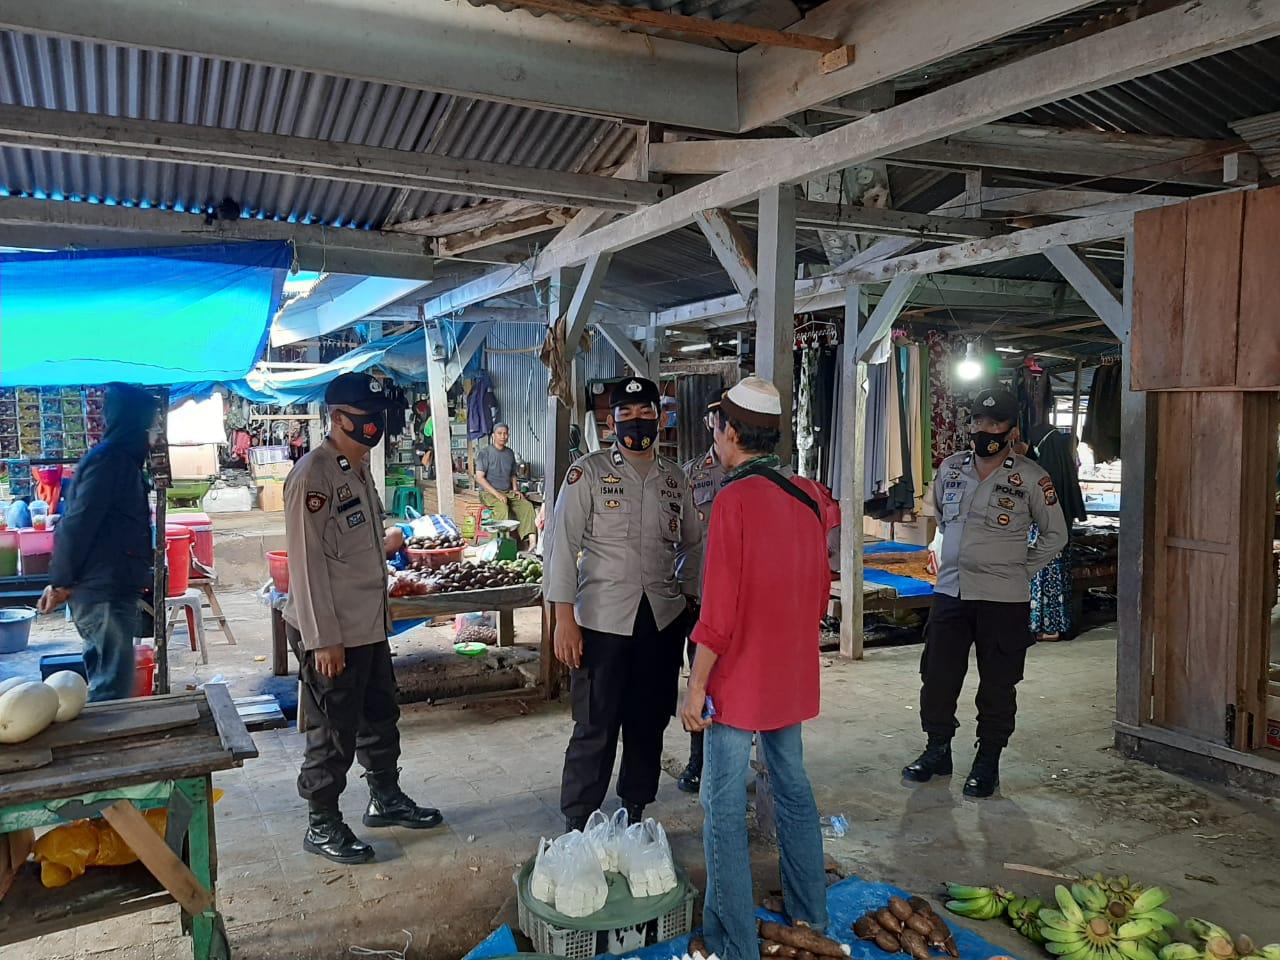 Giat Akhir Pekan Kapolsek Donri - Donri Pimpin Pengamanan dan Relokasi Pedagang di Pasar Tajuncu